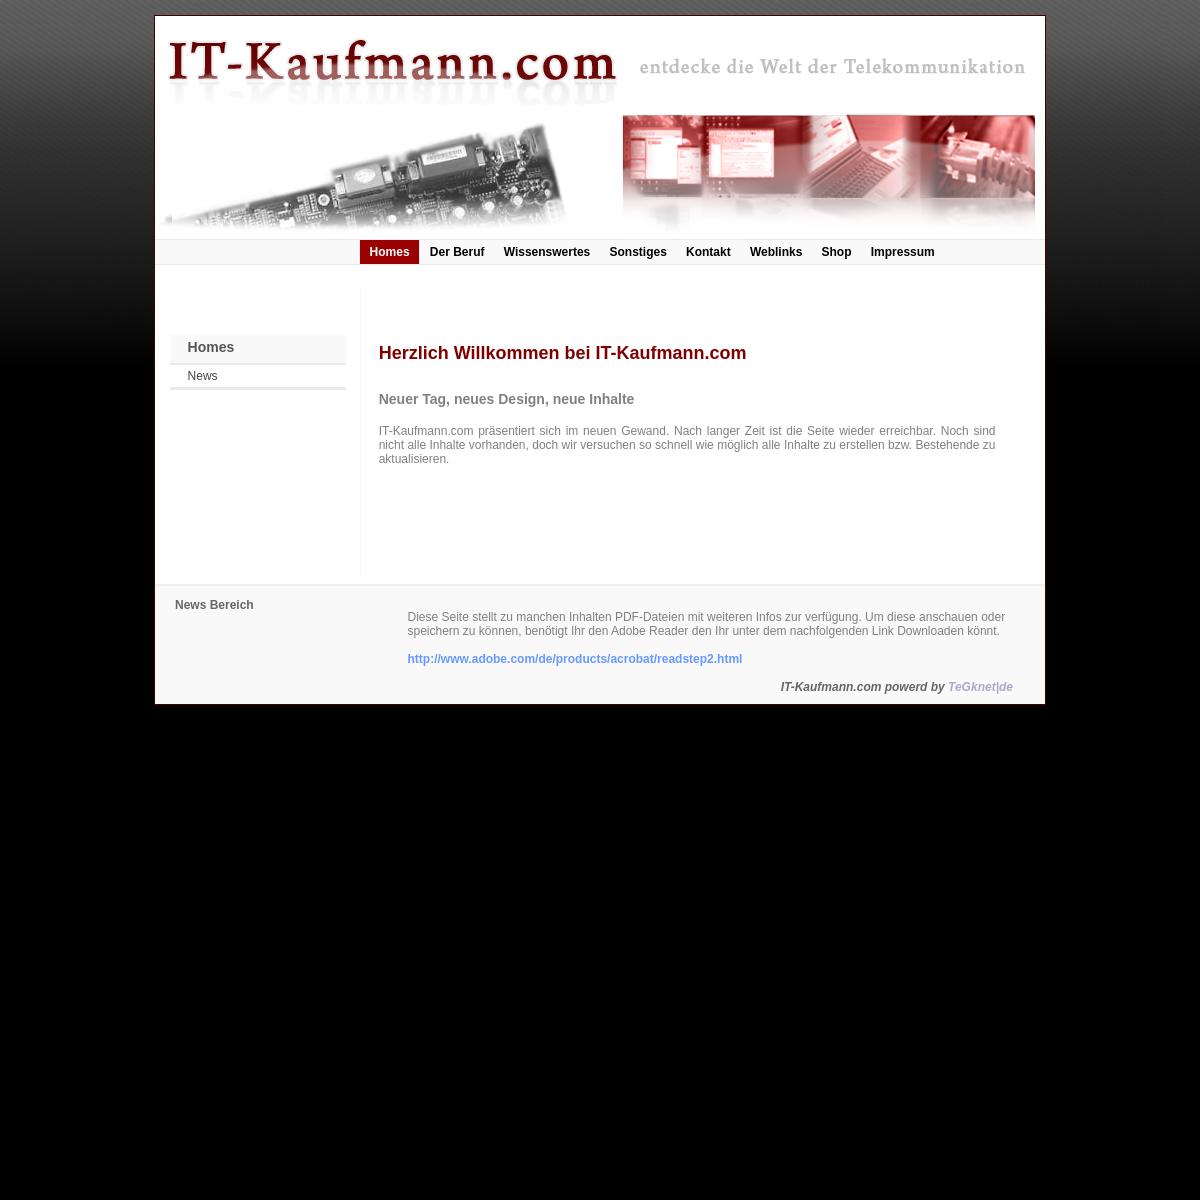 IT-Kaufmann.com - entdecke die Welt der Telekommunikation